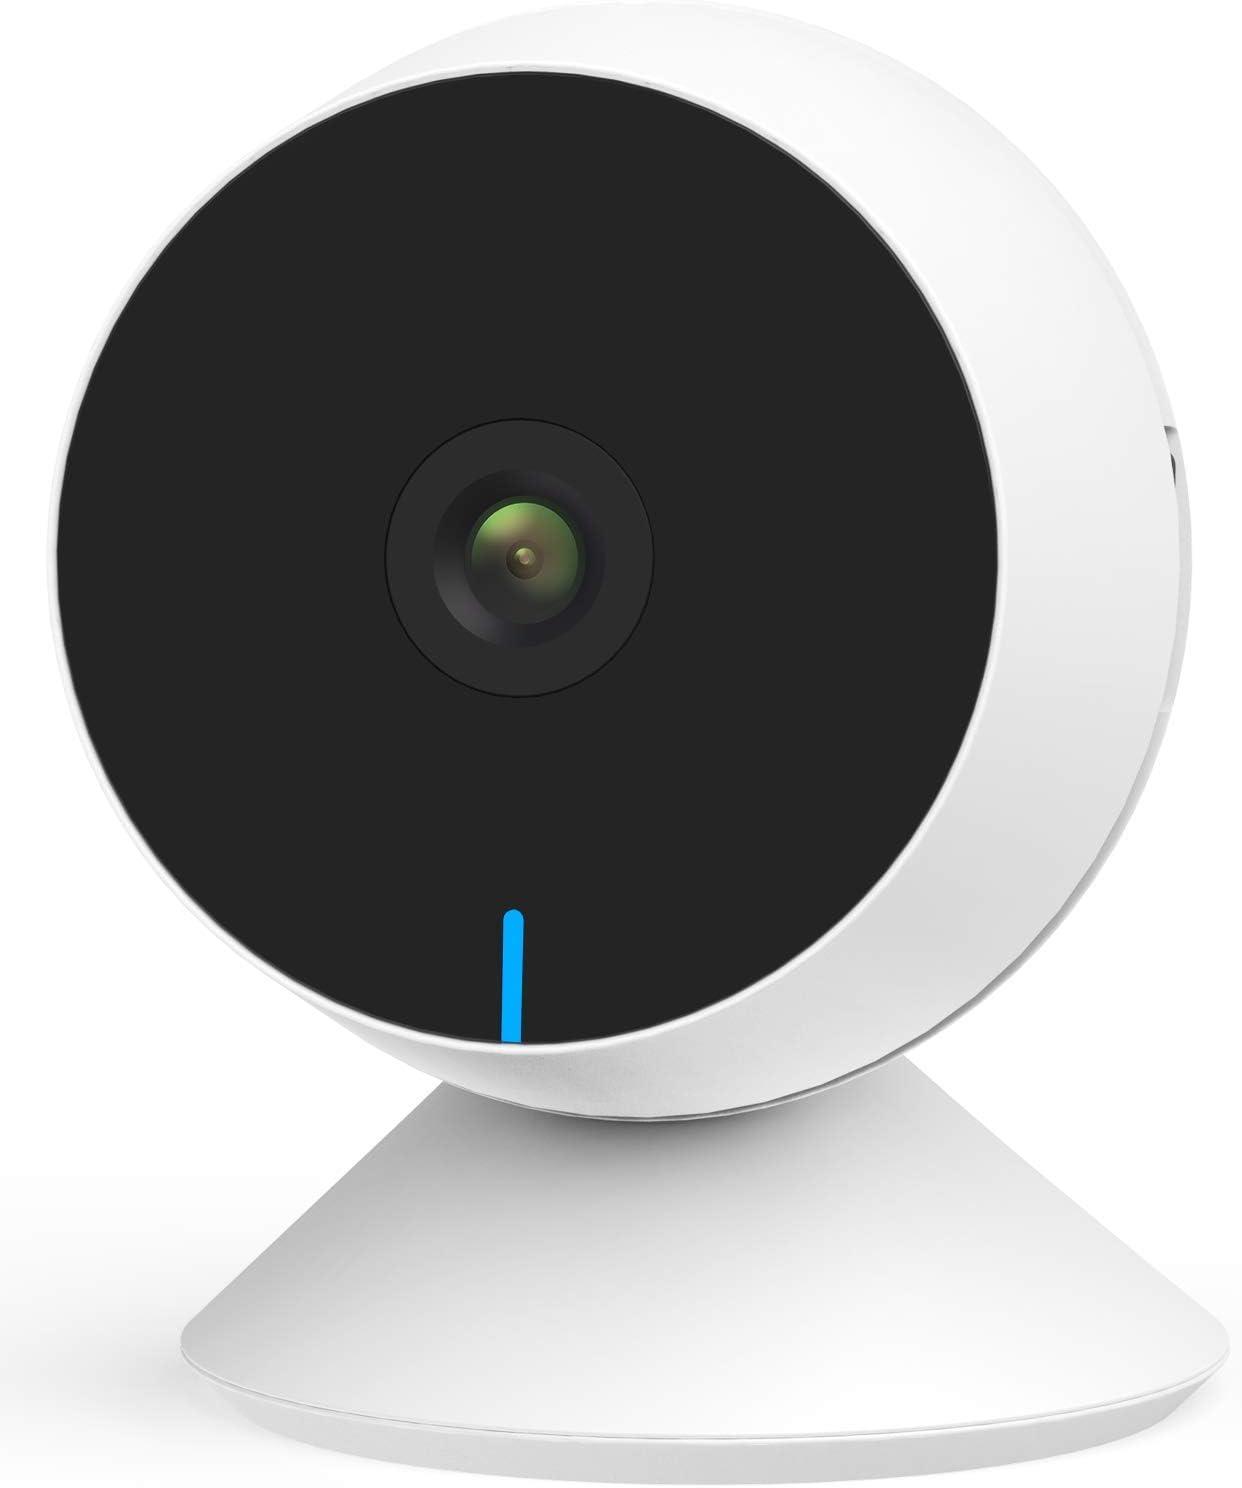 D/étection de Mouvement B1- Interphone Video IP Wi-FI Full sans Fil sur Batterie Compatible  Alexa Laxihub